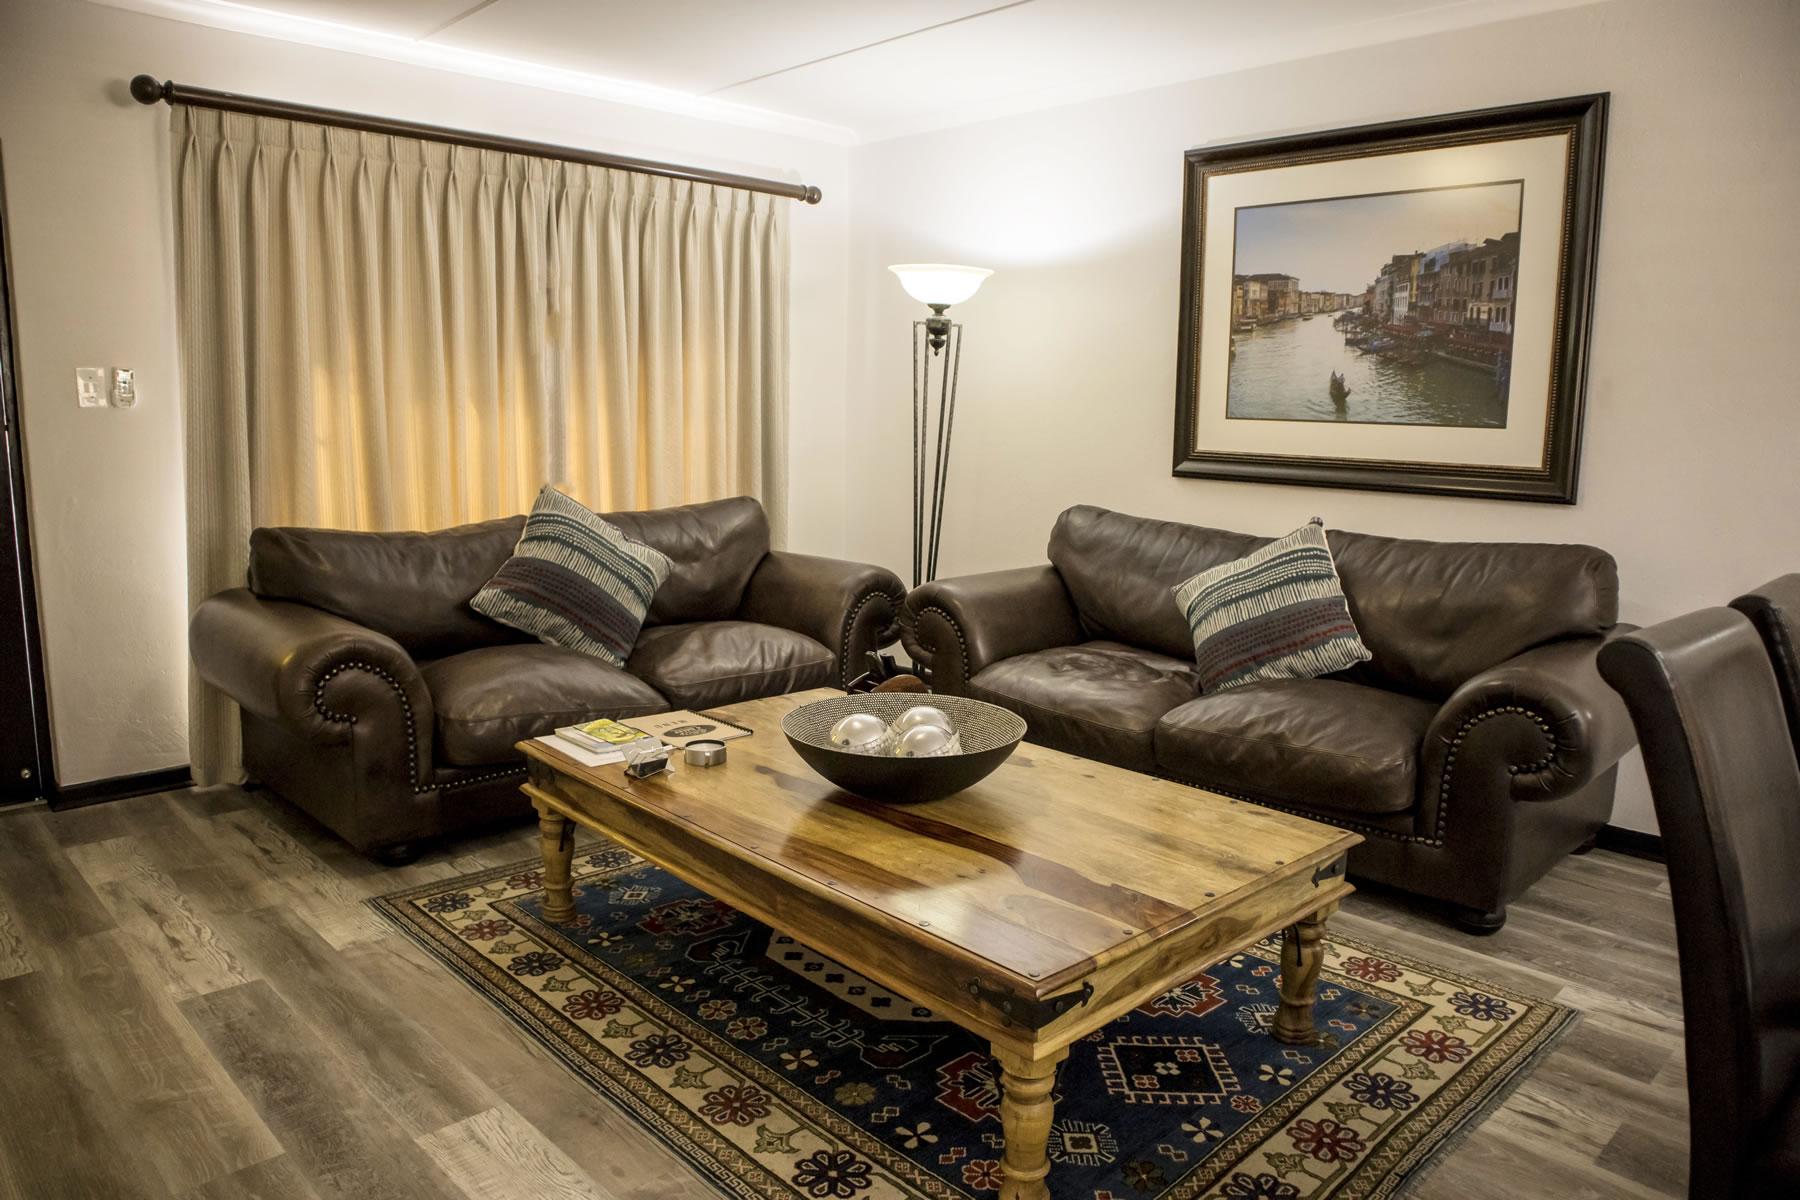 Luxury and comfort | Karoo accommodation